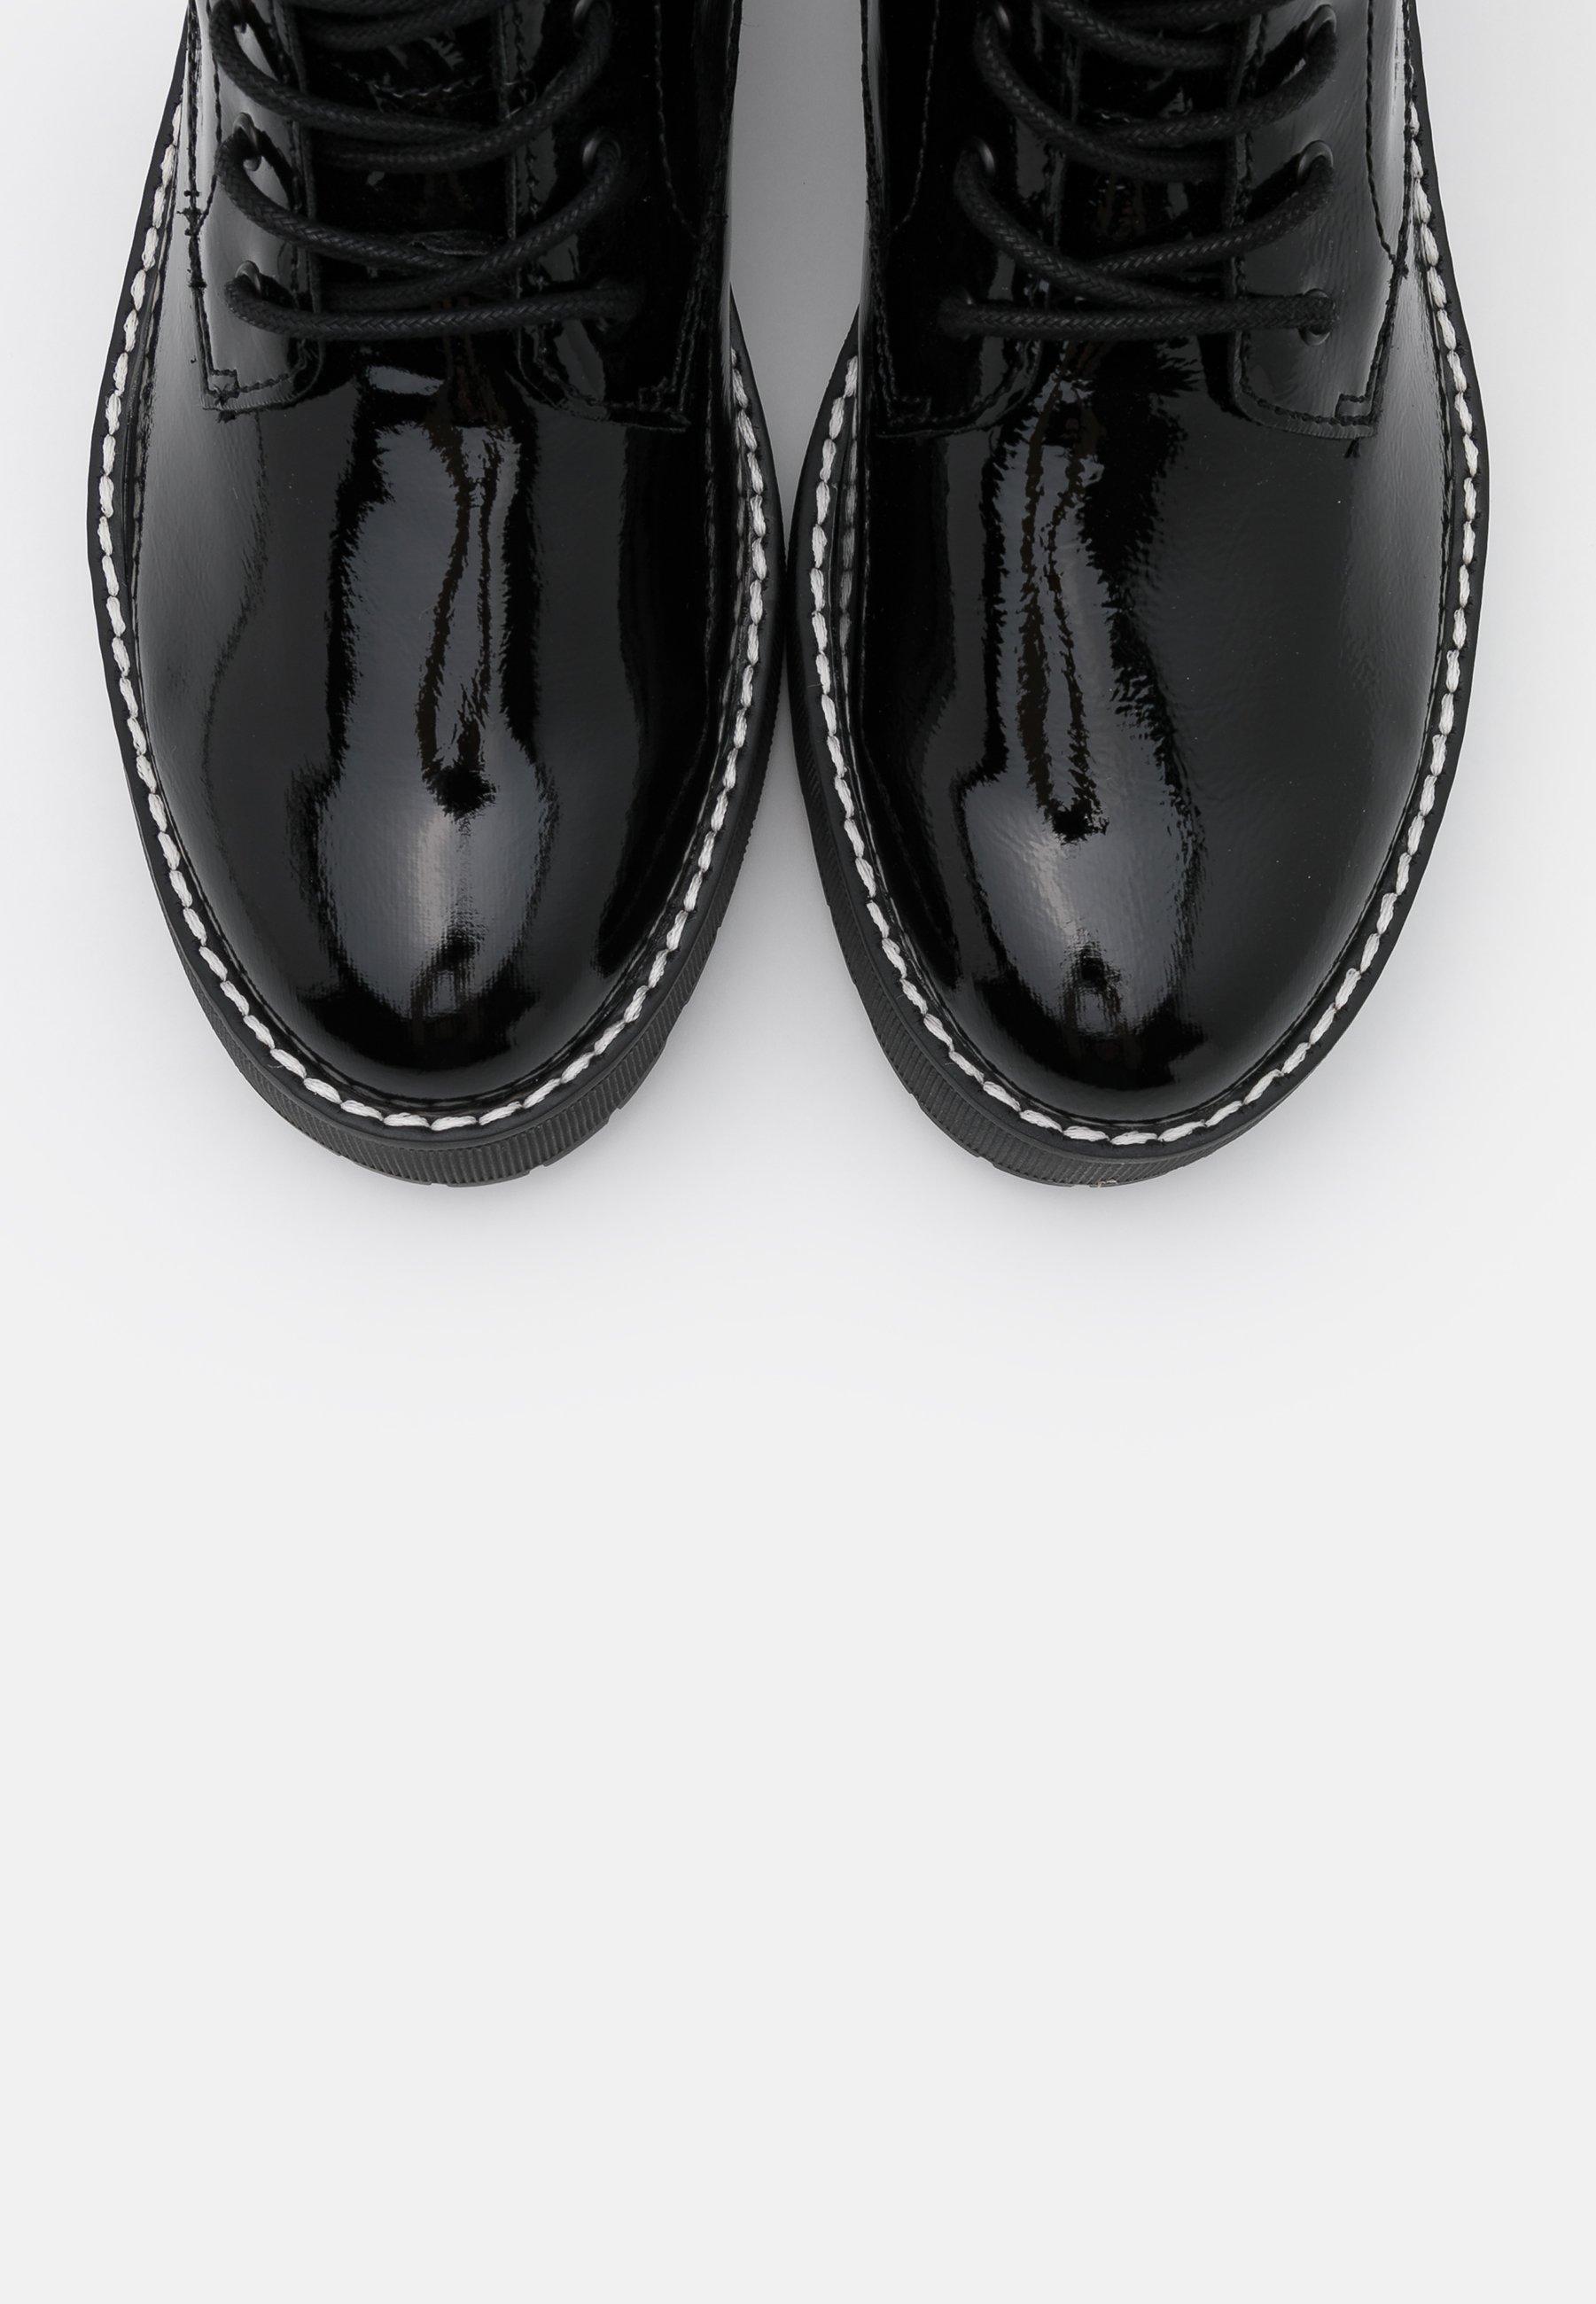 S.oliver Plateaustiefelette - Black/schwarz